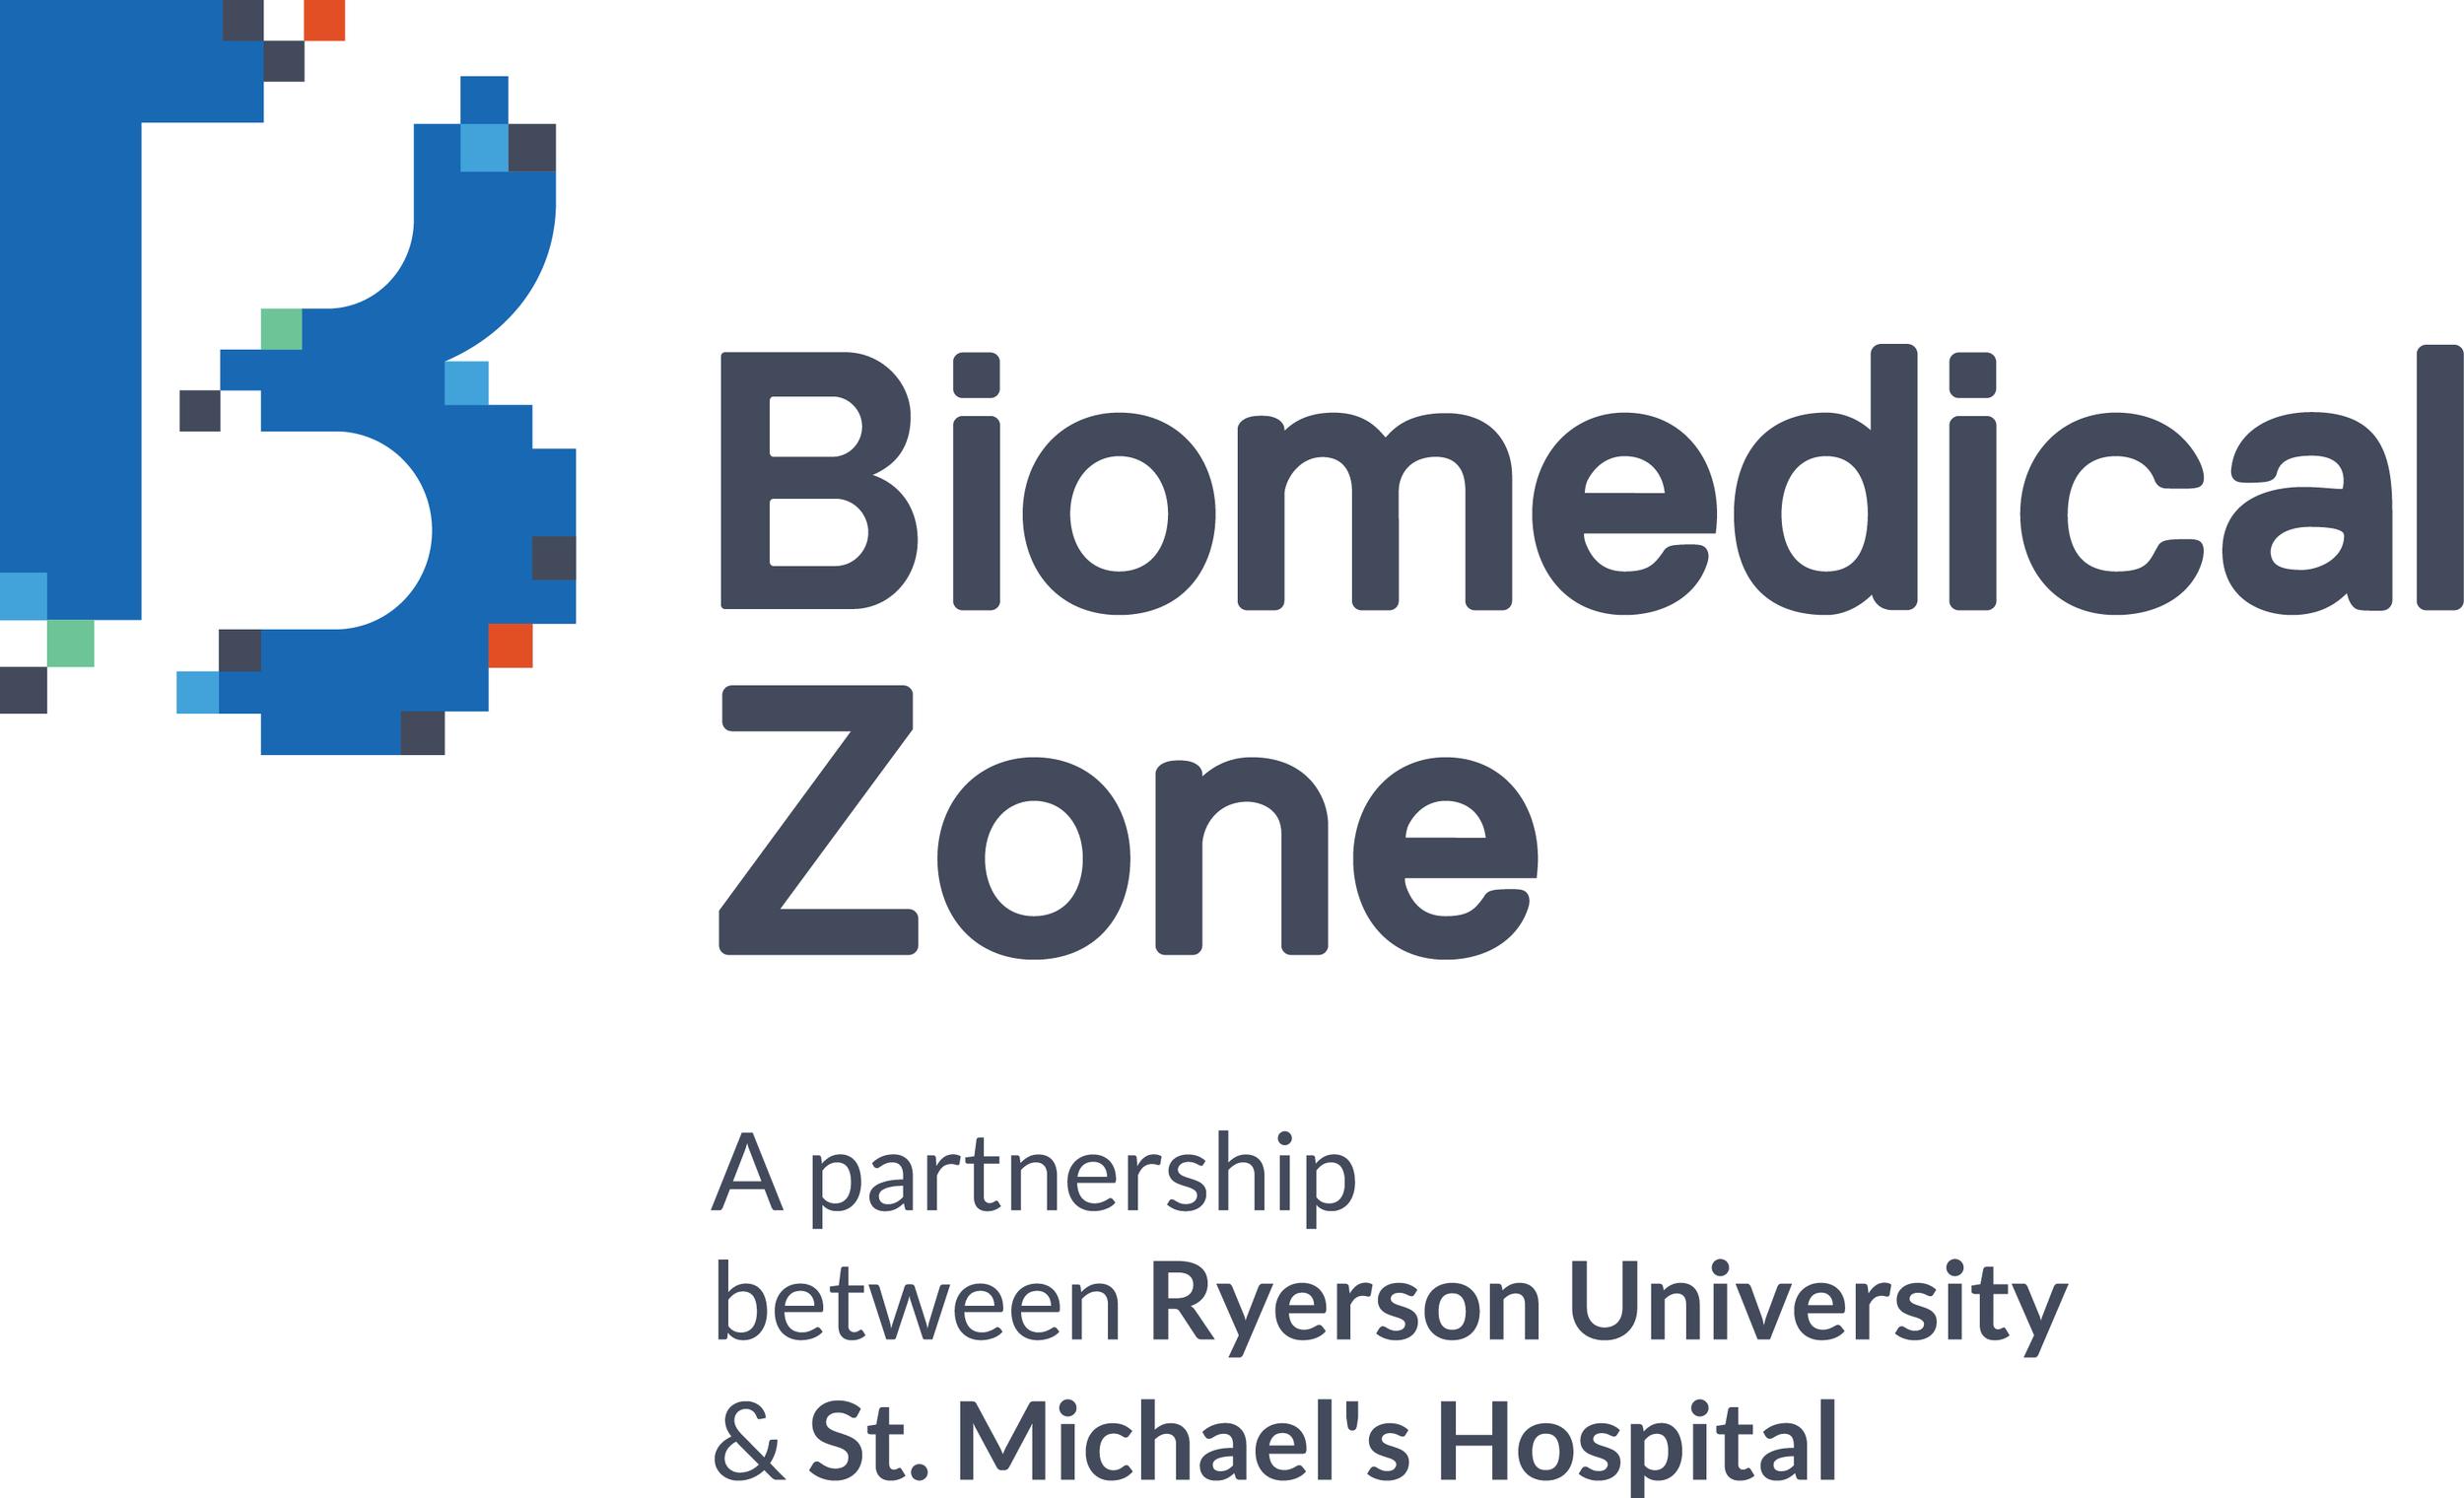 biomedical zone logo full original .png